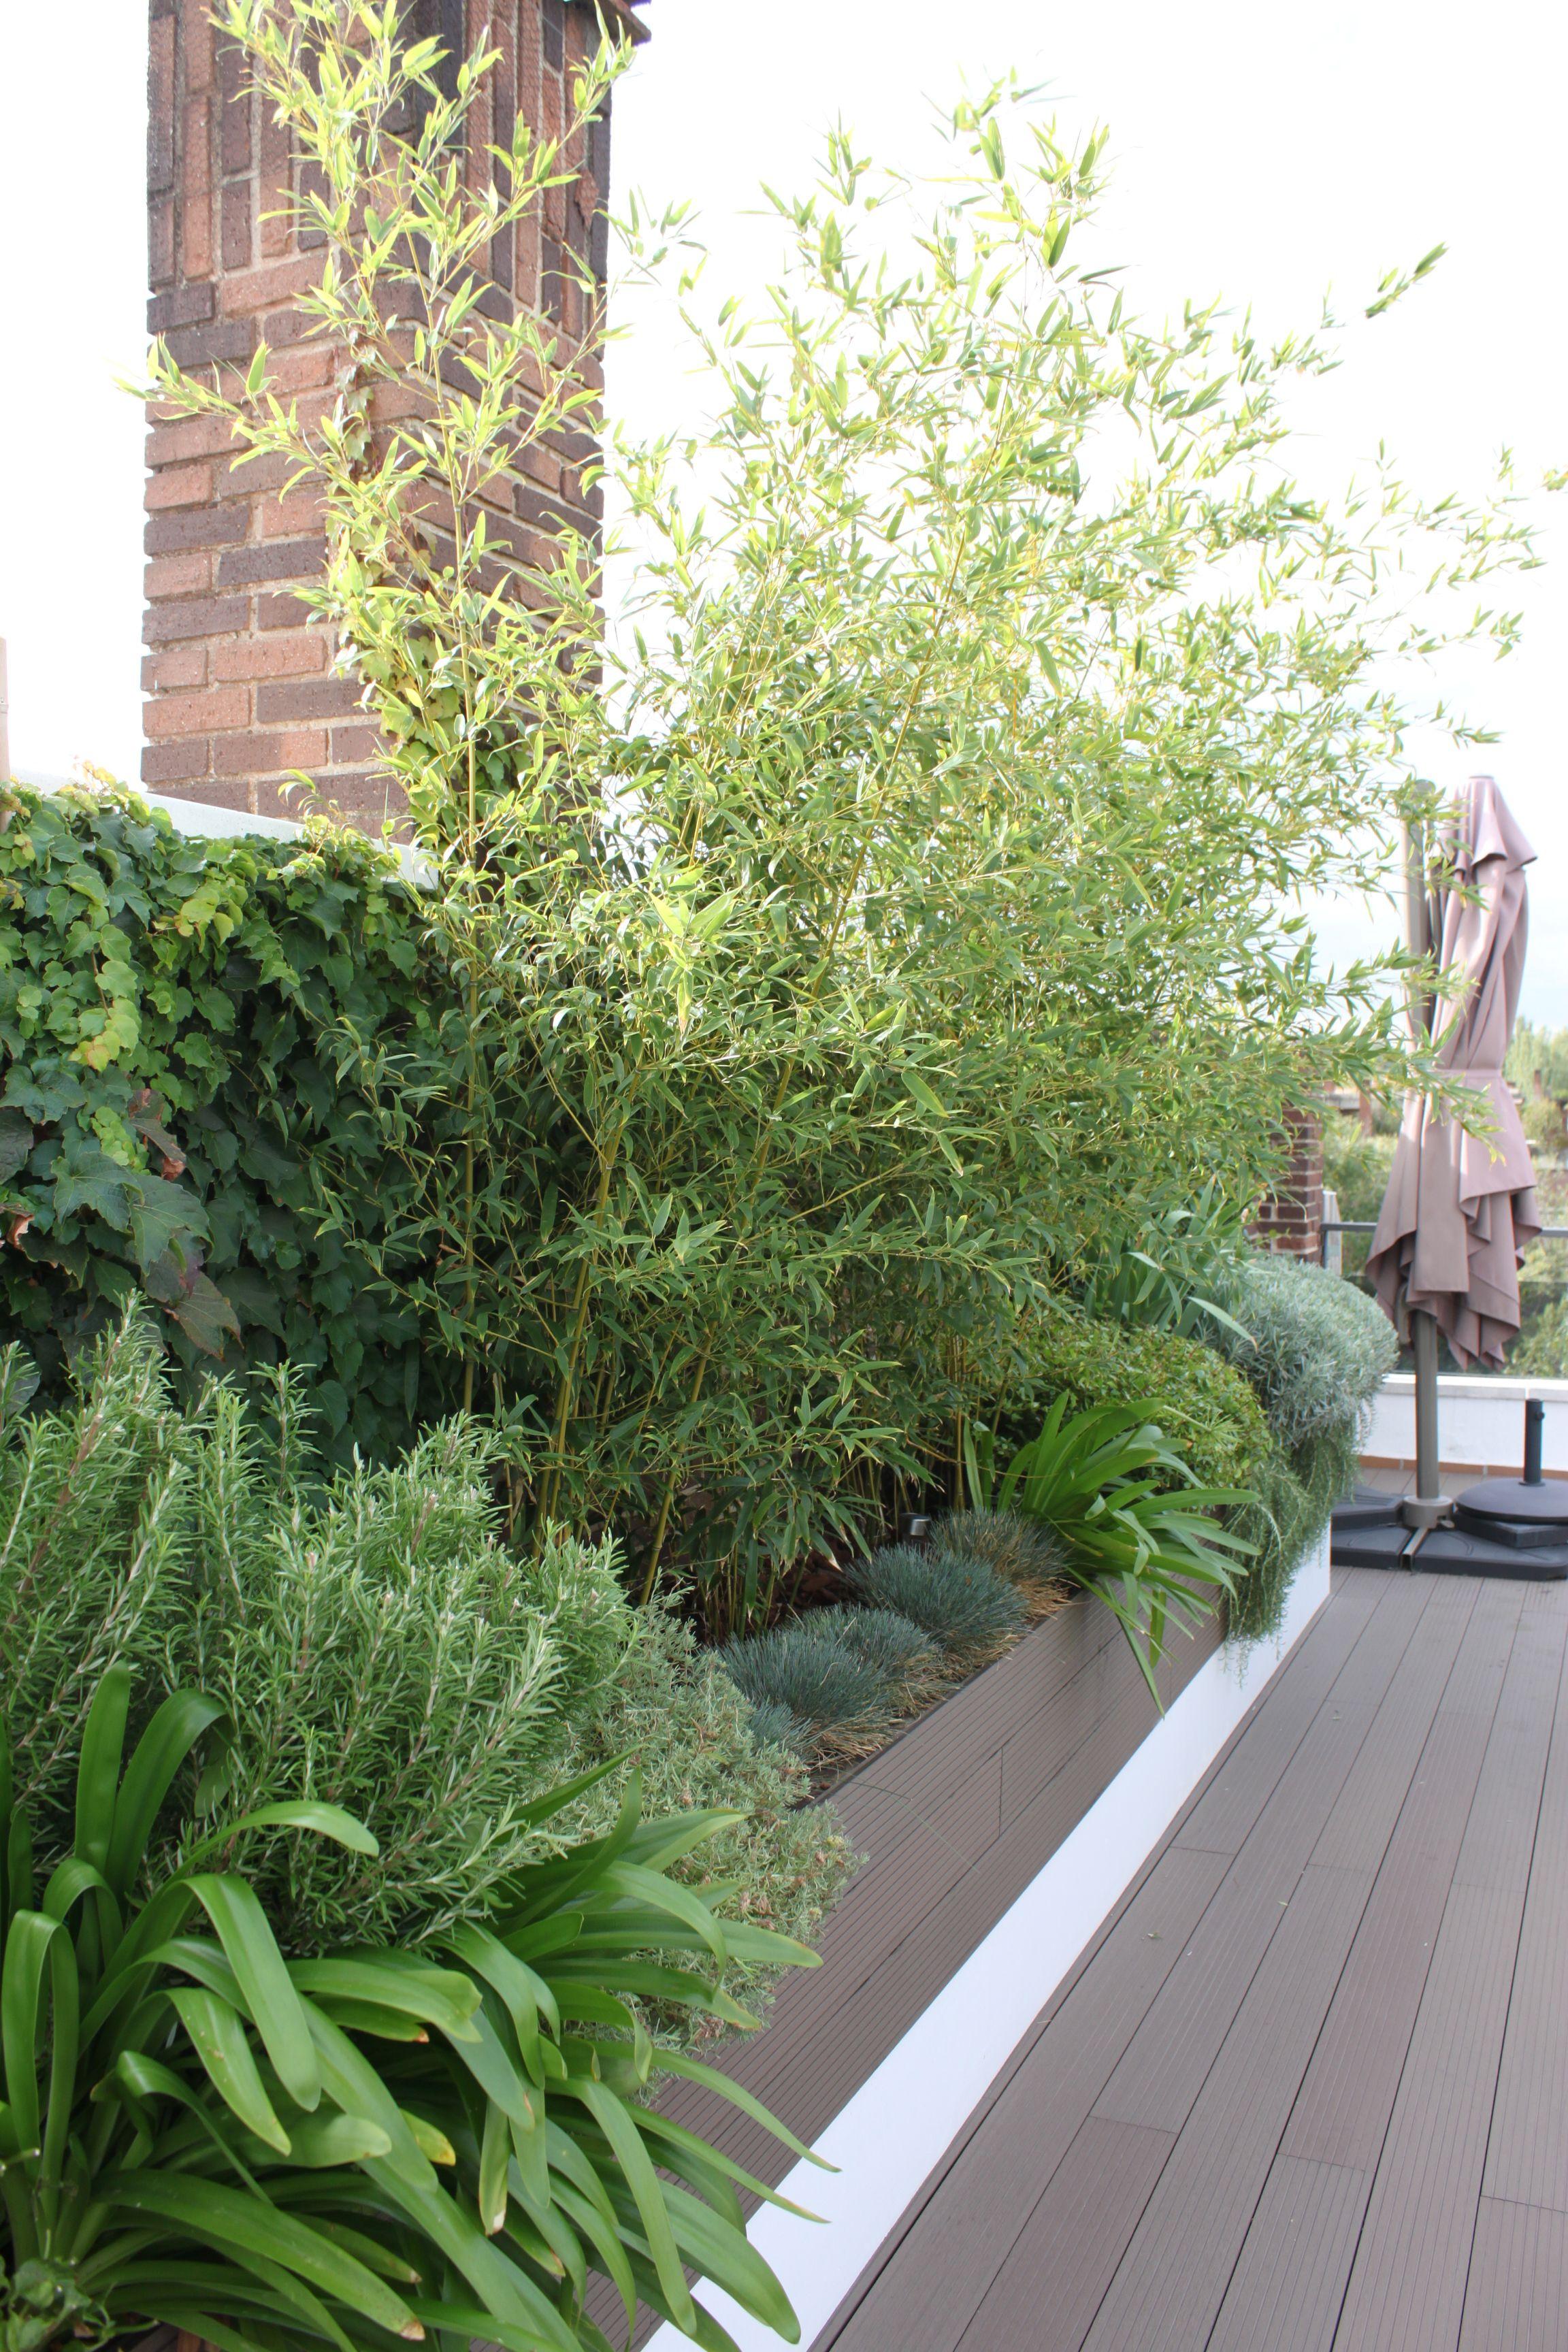 Jardin En Atico Paisajismo Gaden Habitaciones Verdes